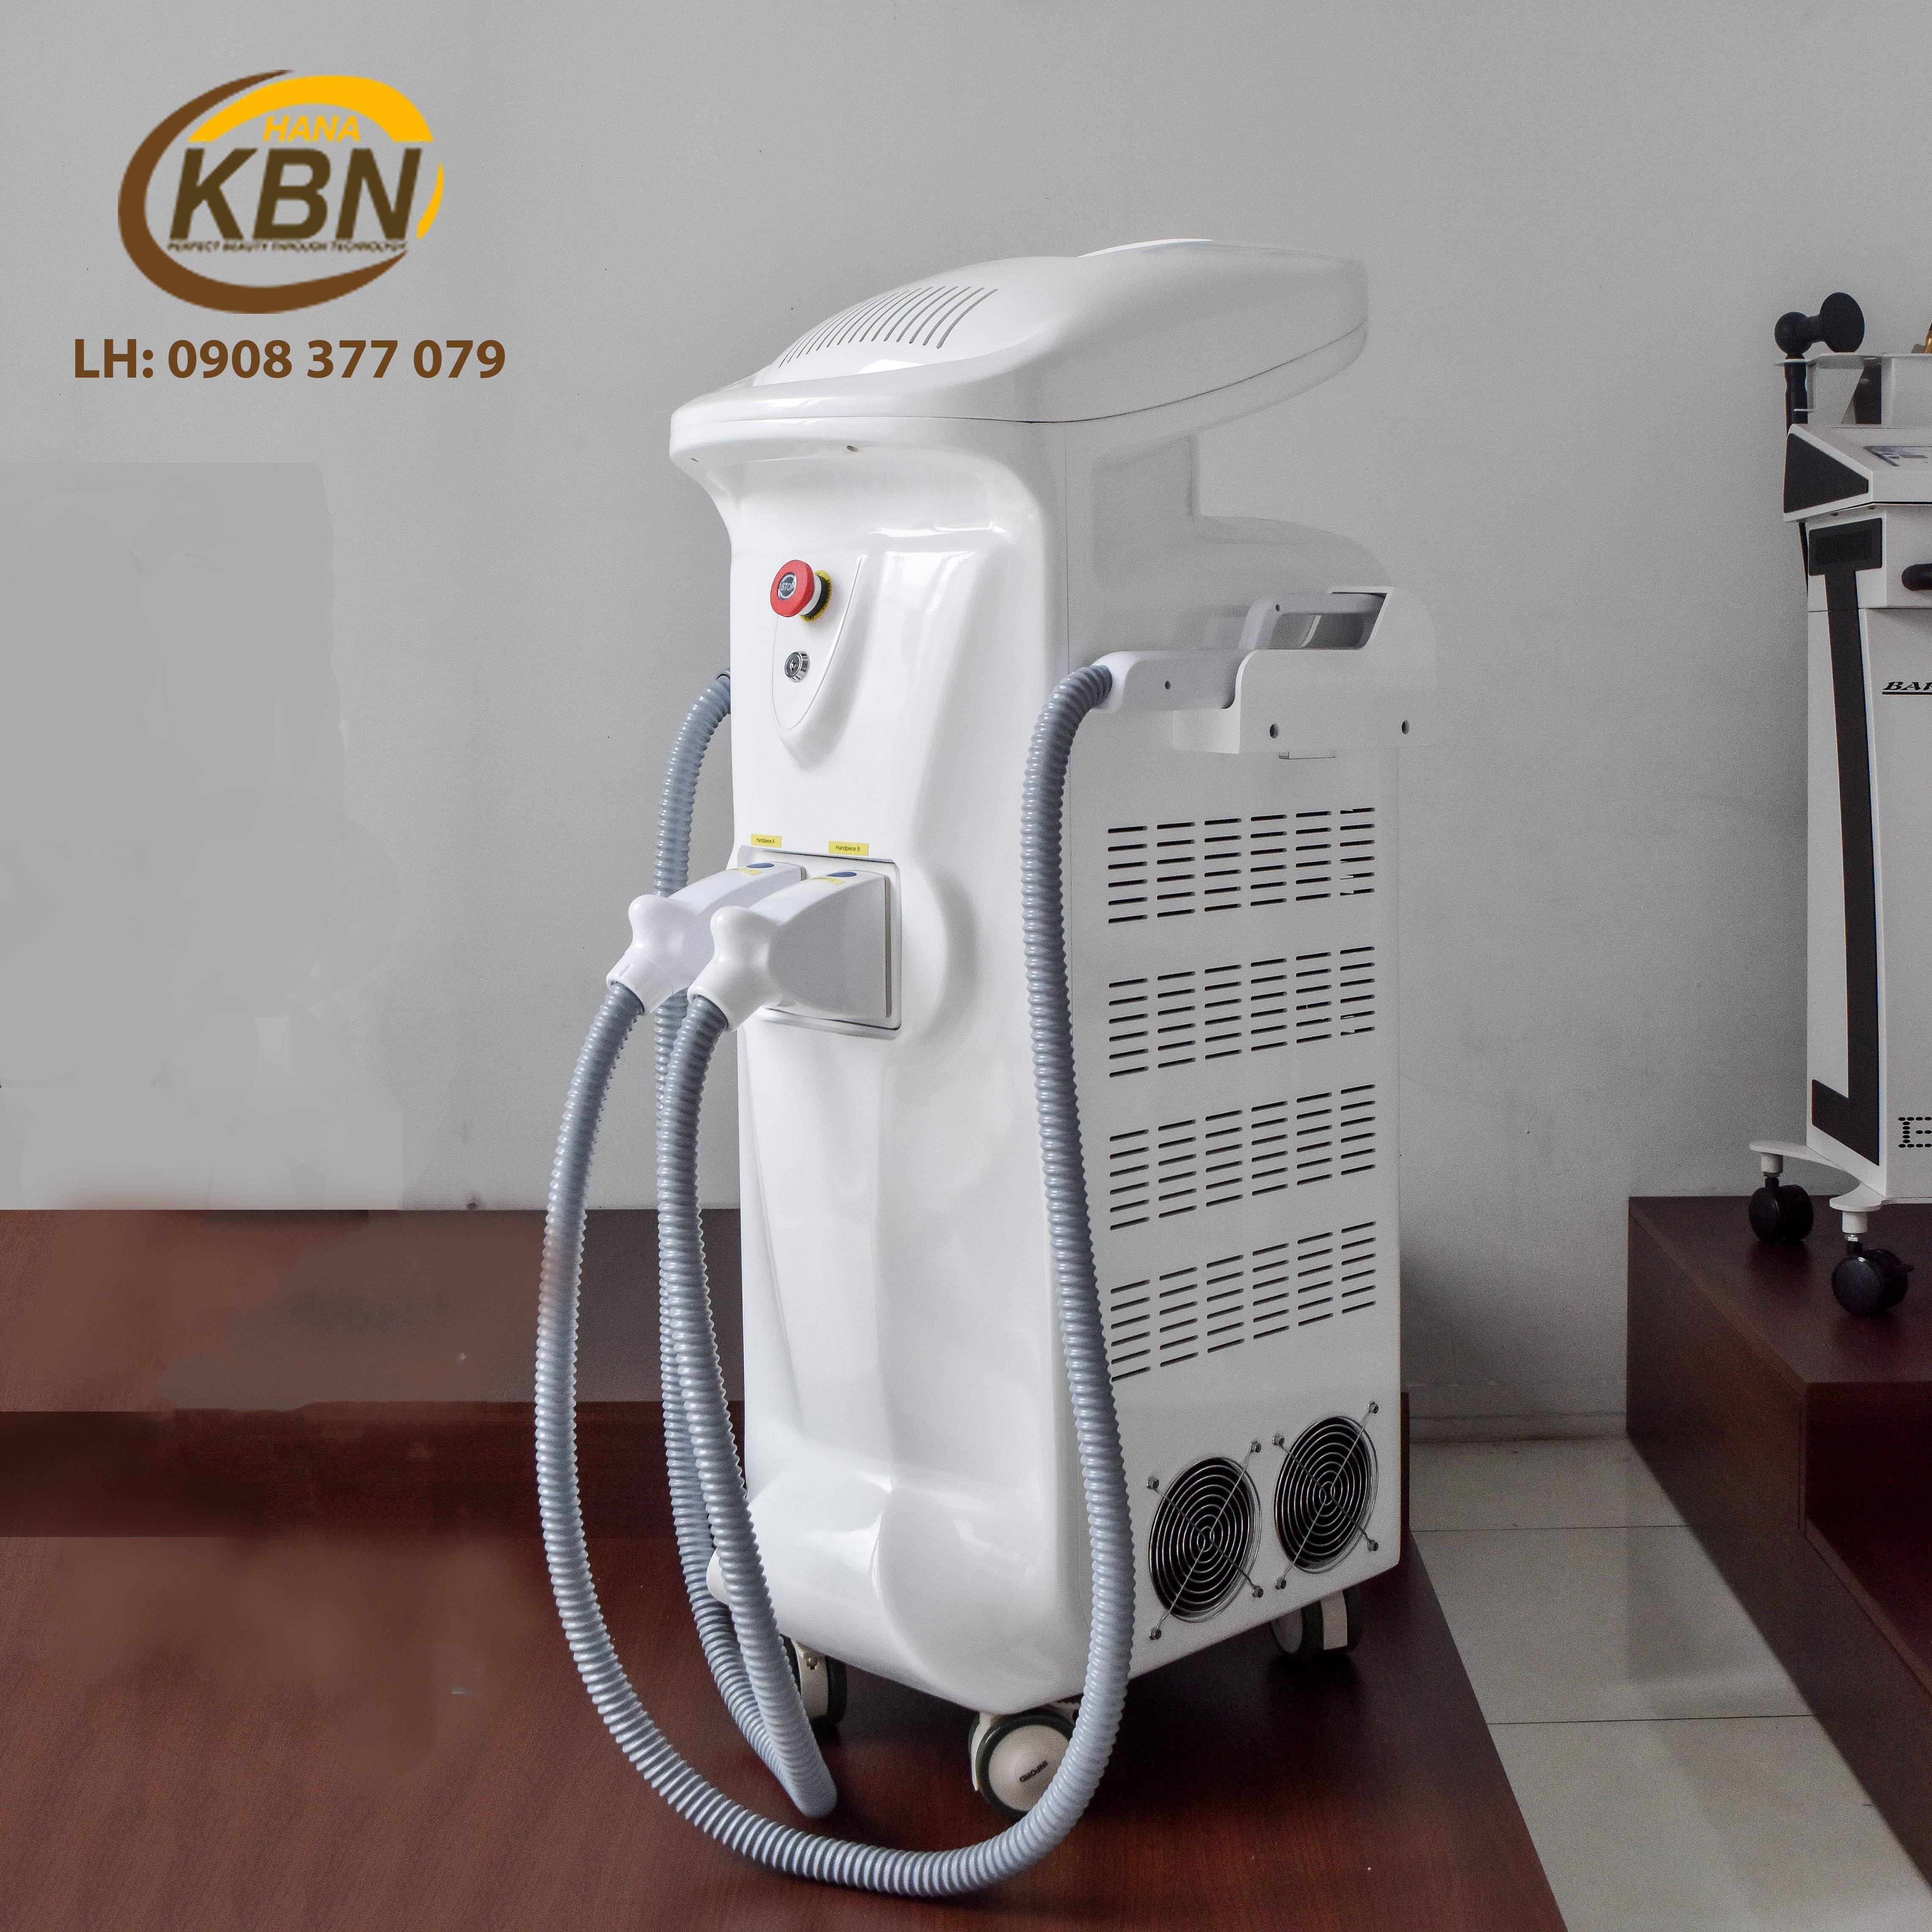 Hình ảnh thực tế máy triệt lông SHR IPL K8I tại Công Ty HanaKBN